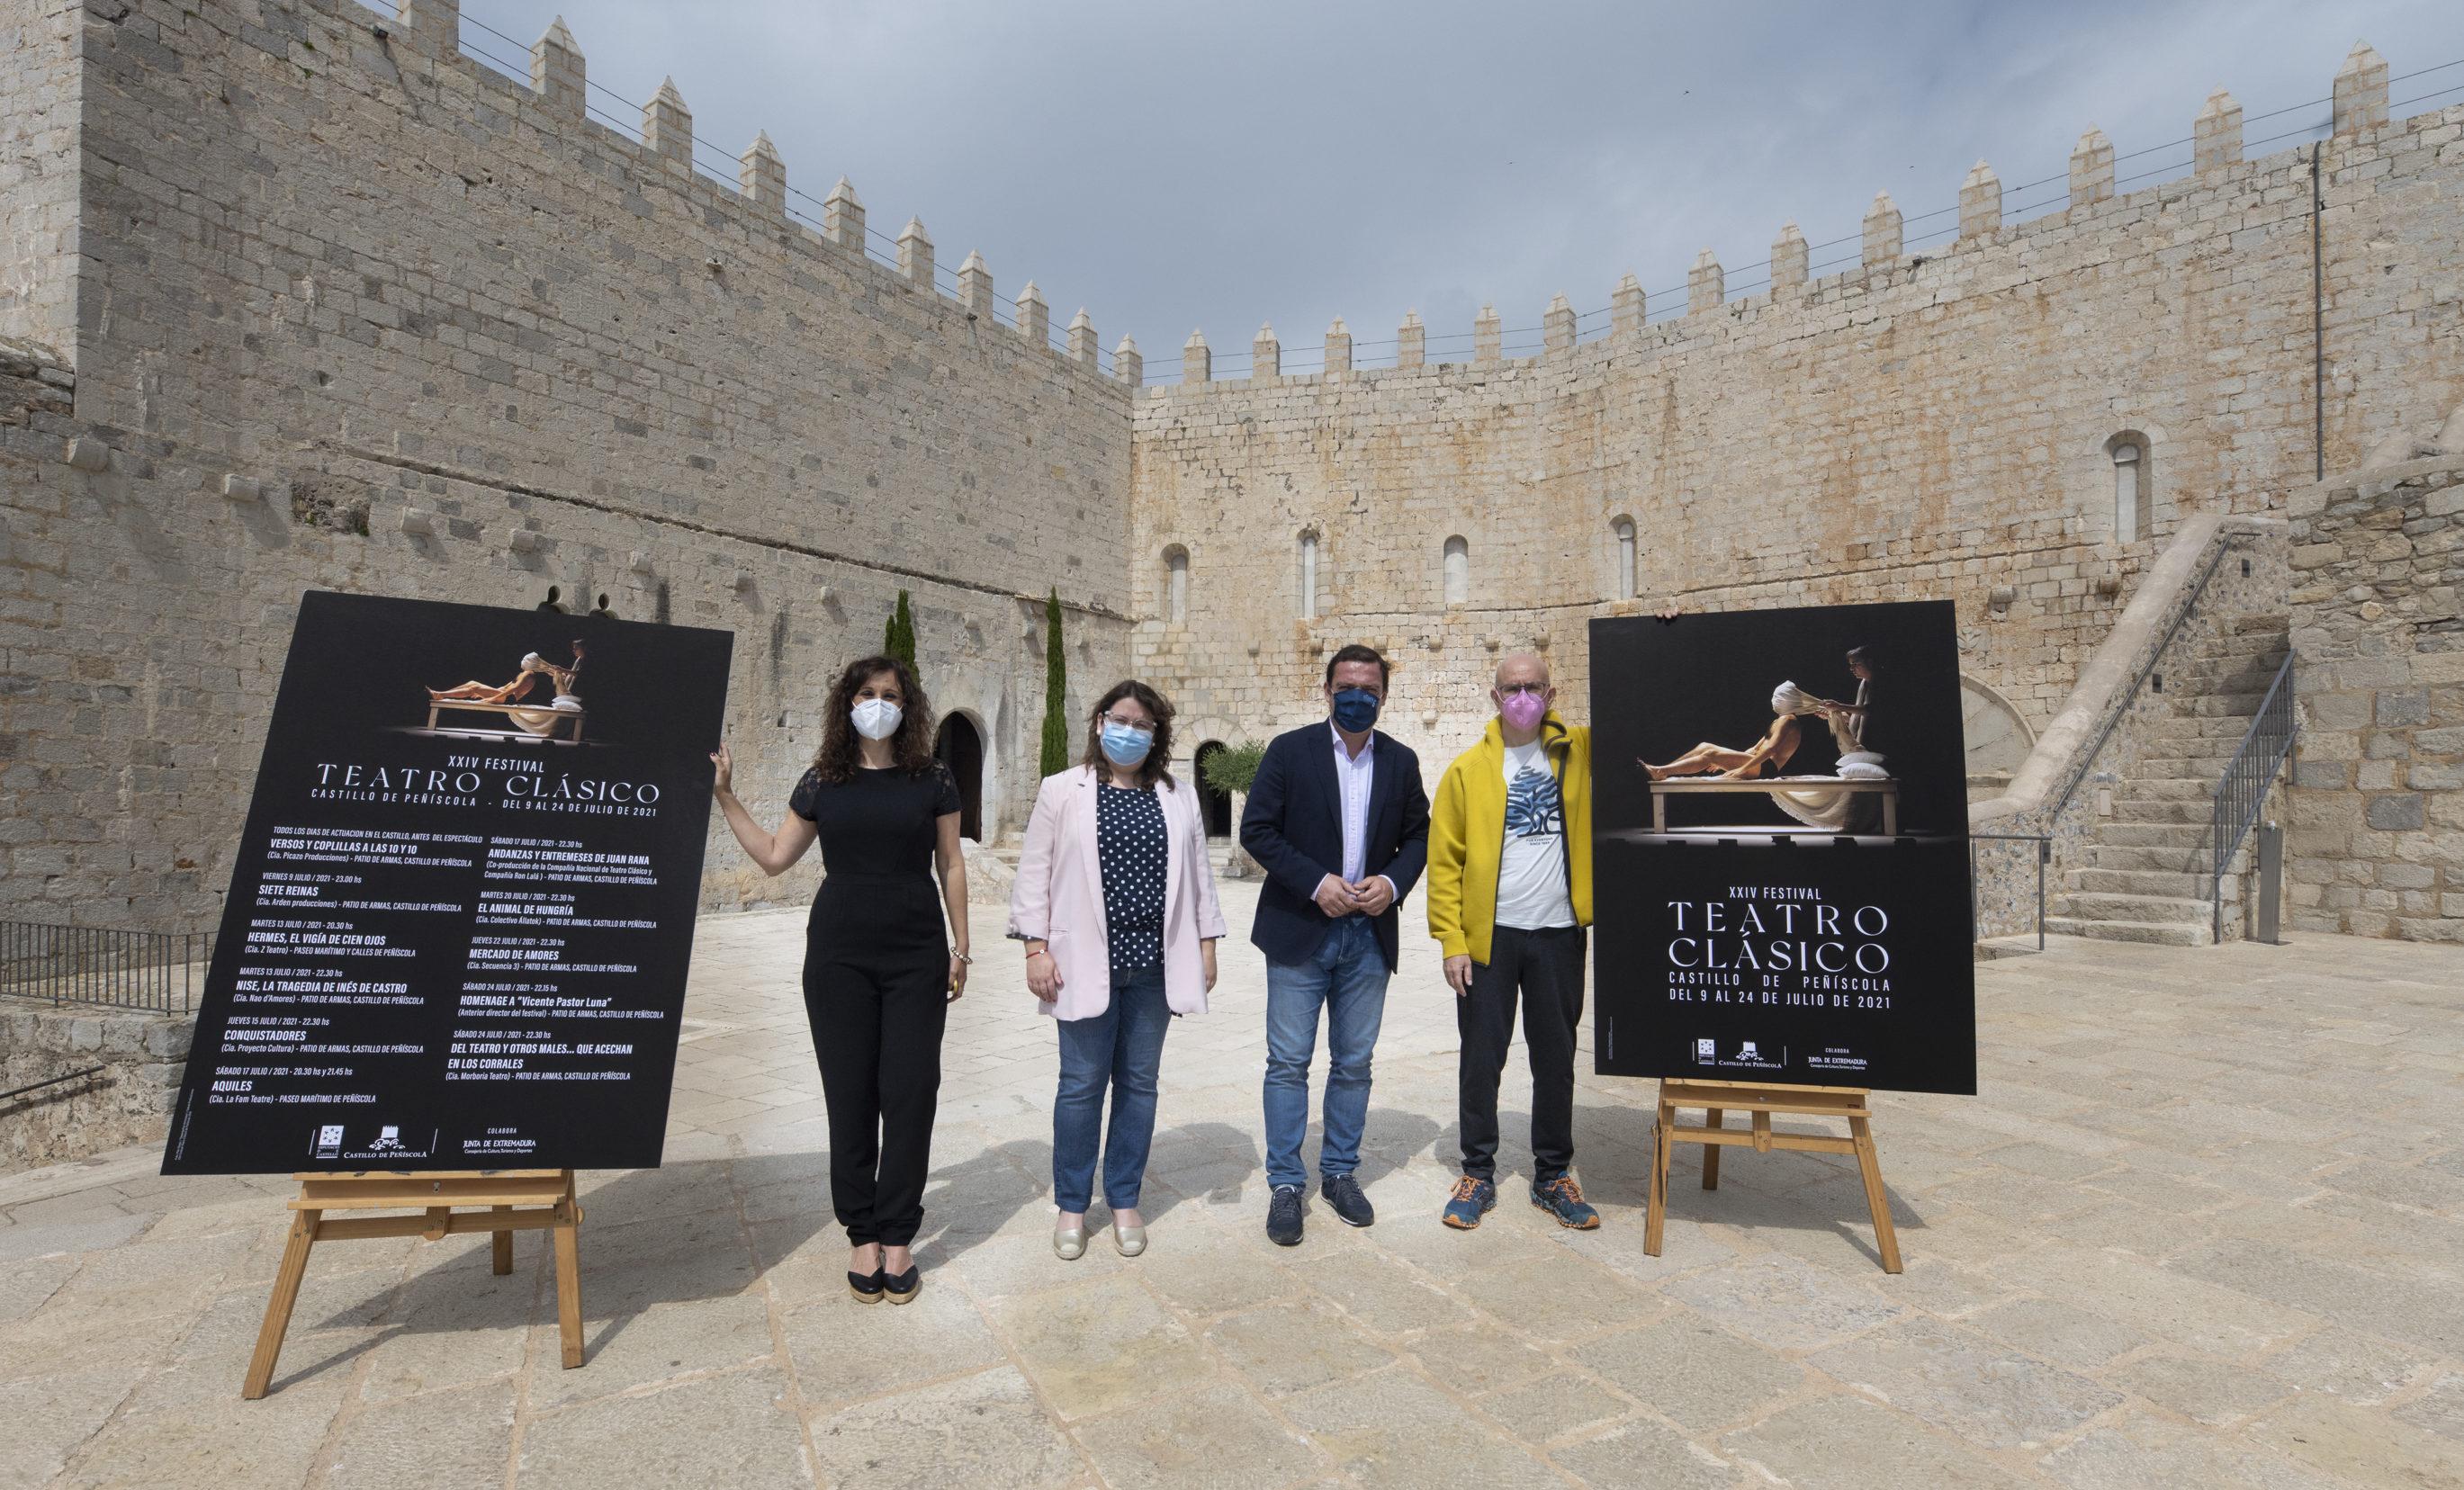 La Diputació presenta el XXIV Festival de Teatre Clàssic del Castell de Peníscola que enguany s'inspira en la comèdia